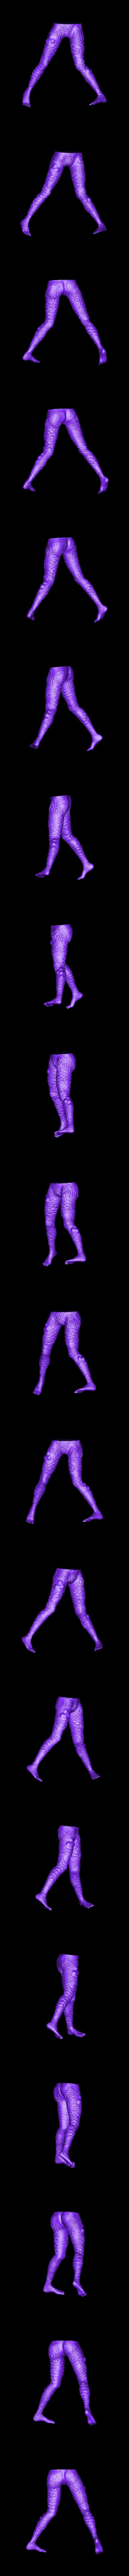 Leg.stl Télécharger fichier STL gratuit Zombie • Design imprimable en 3D, CarlCreates